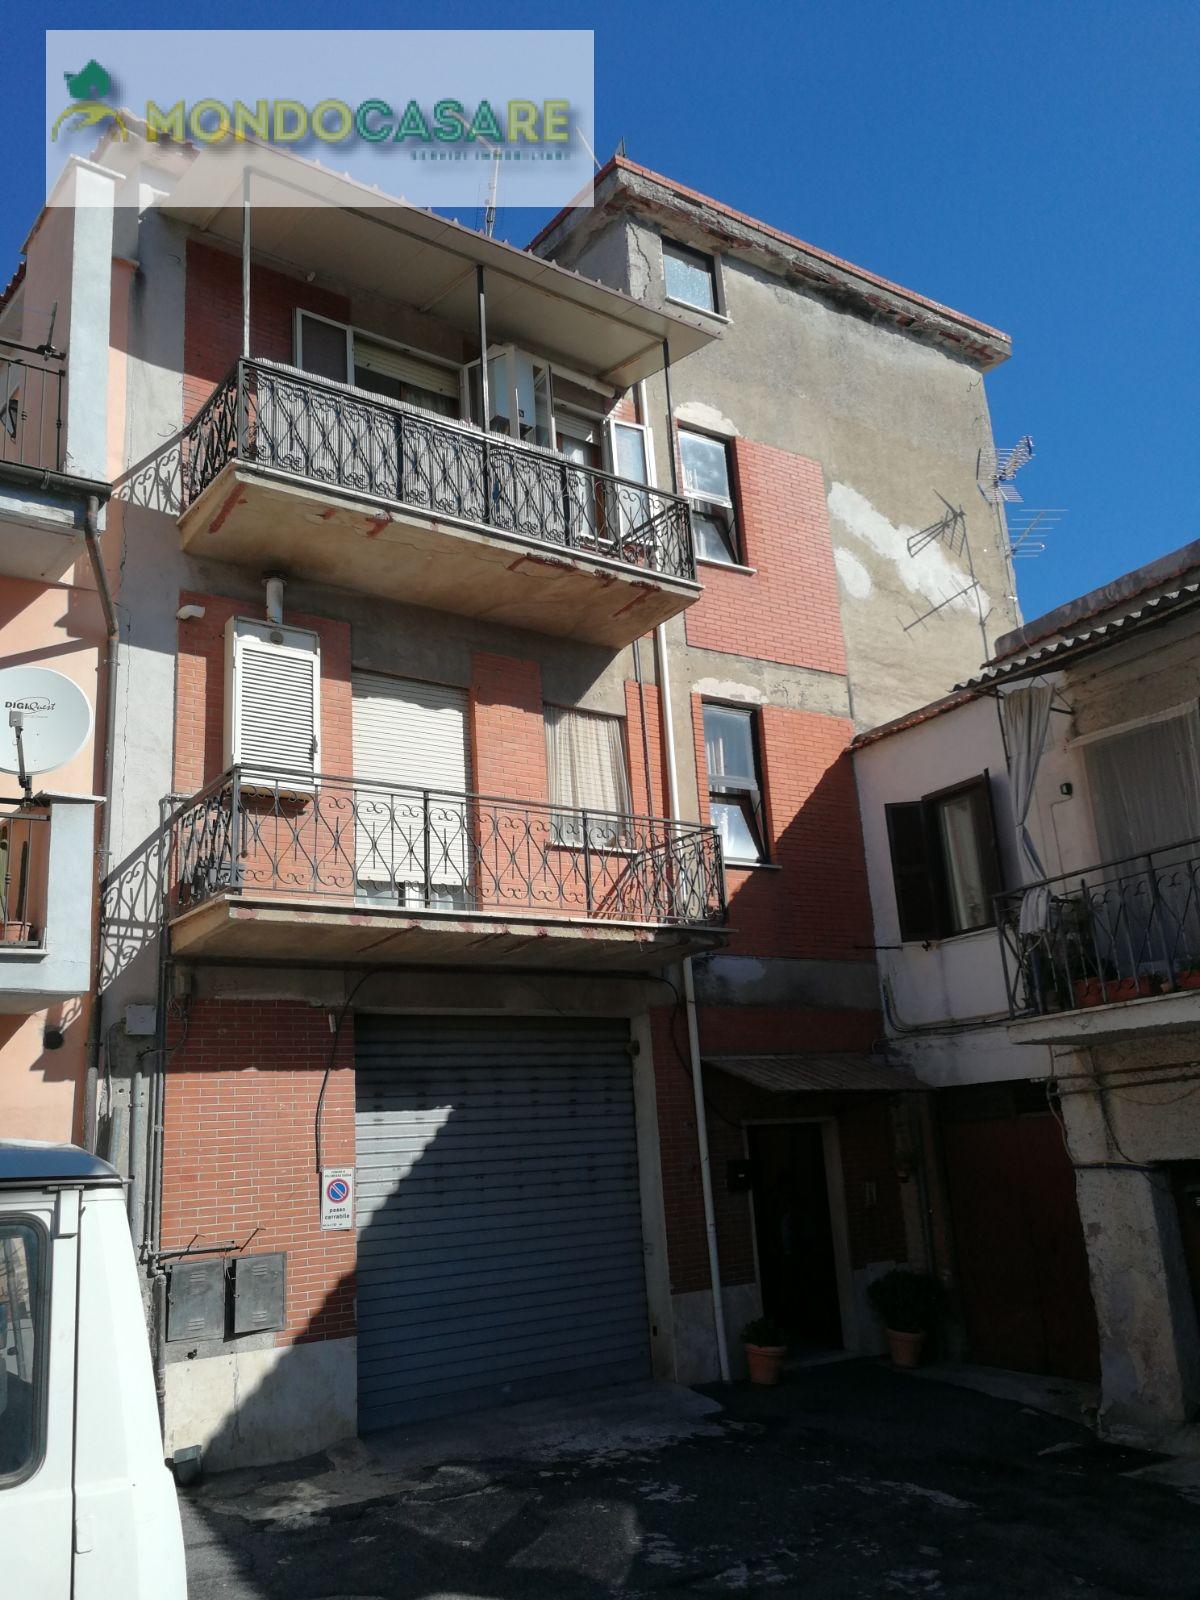 Appartamento in vendita a Palombara Sabina, 4 locali, zona Zona: Cretone, prezzo € 135.000 | CambioCasa.it